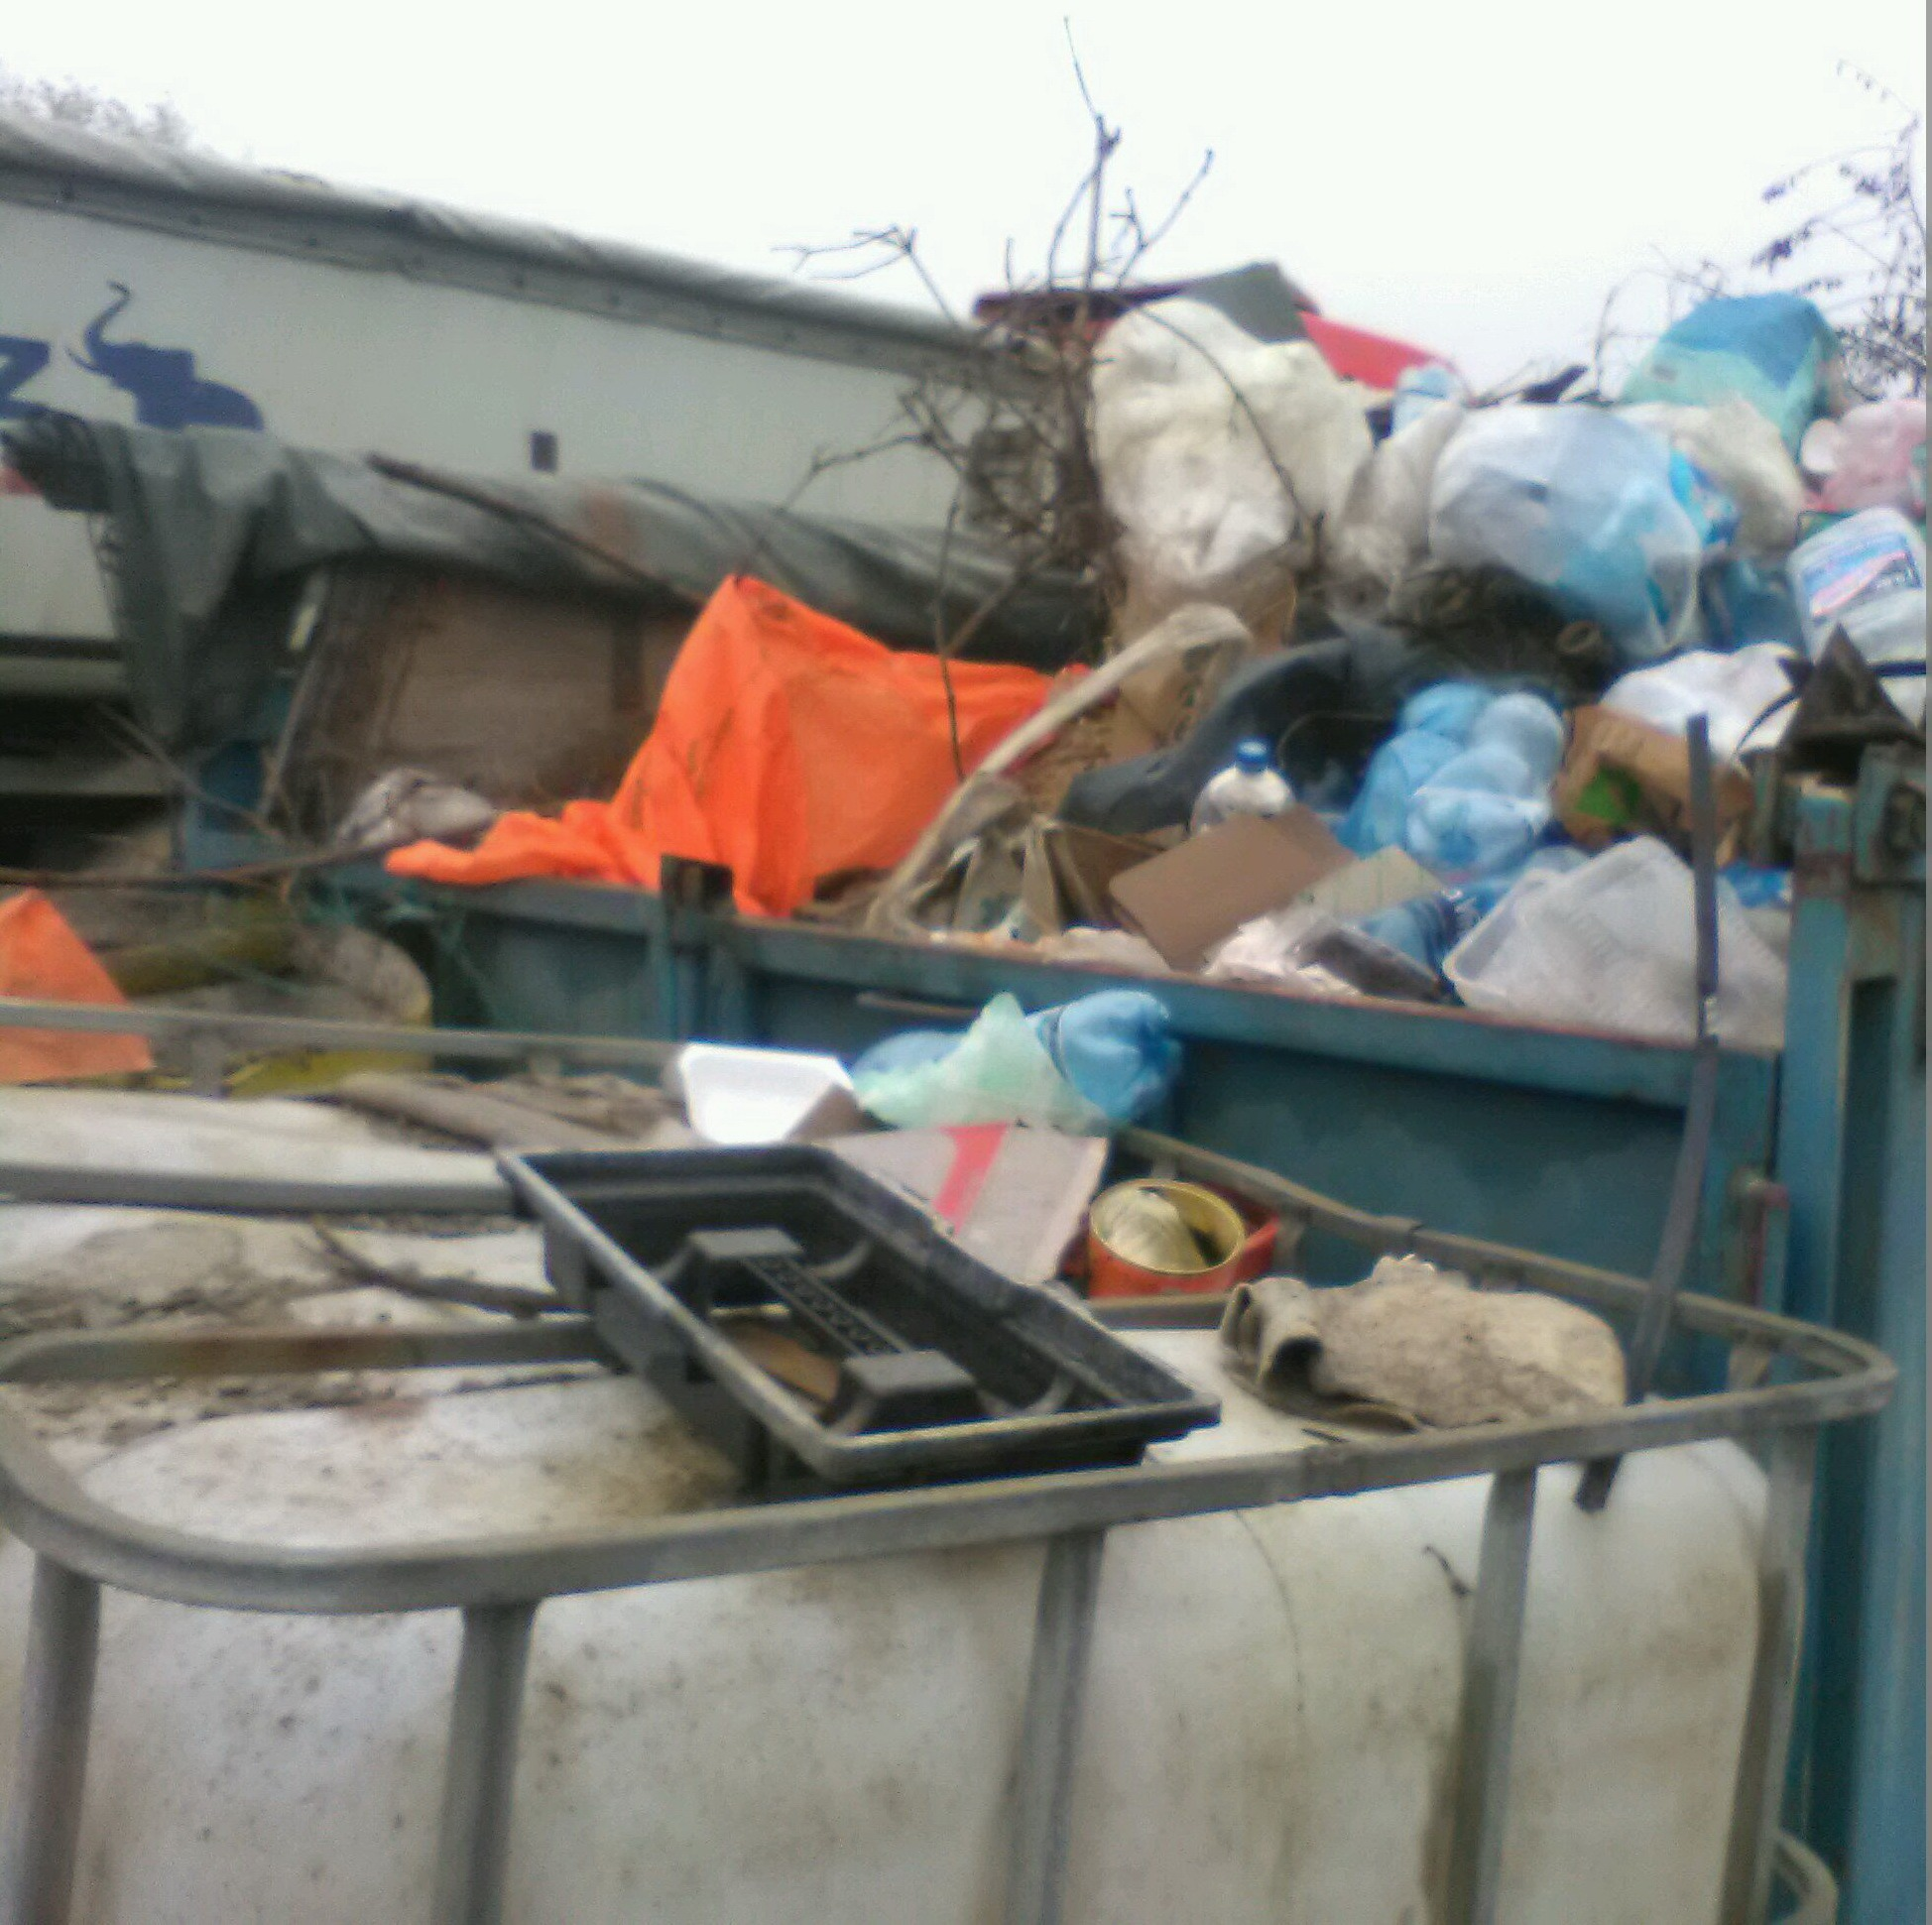 Firmă de pe Calea Borşului din Oradea, amendată pentru poluare: 20.000 de lei, după ce muncitorii au ars gunoaie în curte! (FOTO)